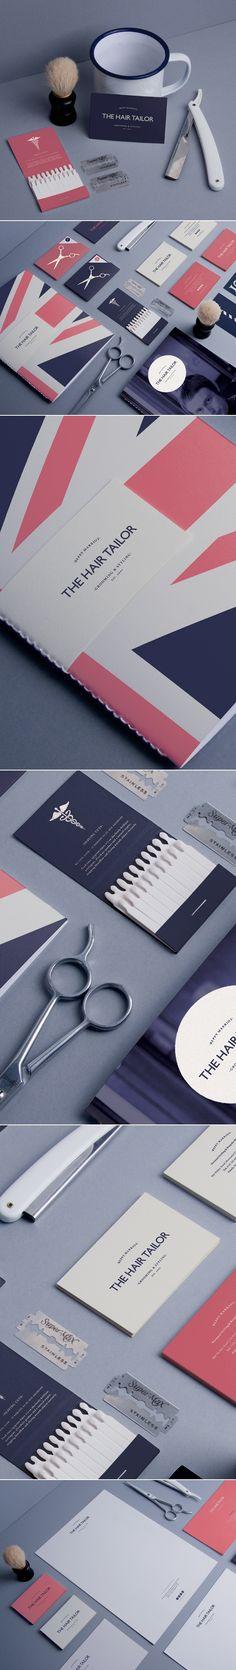 Unique Branding Design, The Hair Tailor #branding #design (http://www.pinterest.com/aldenchong/)